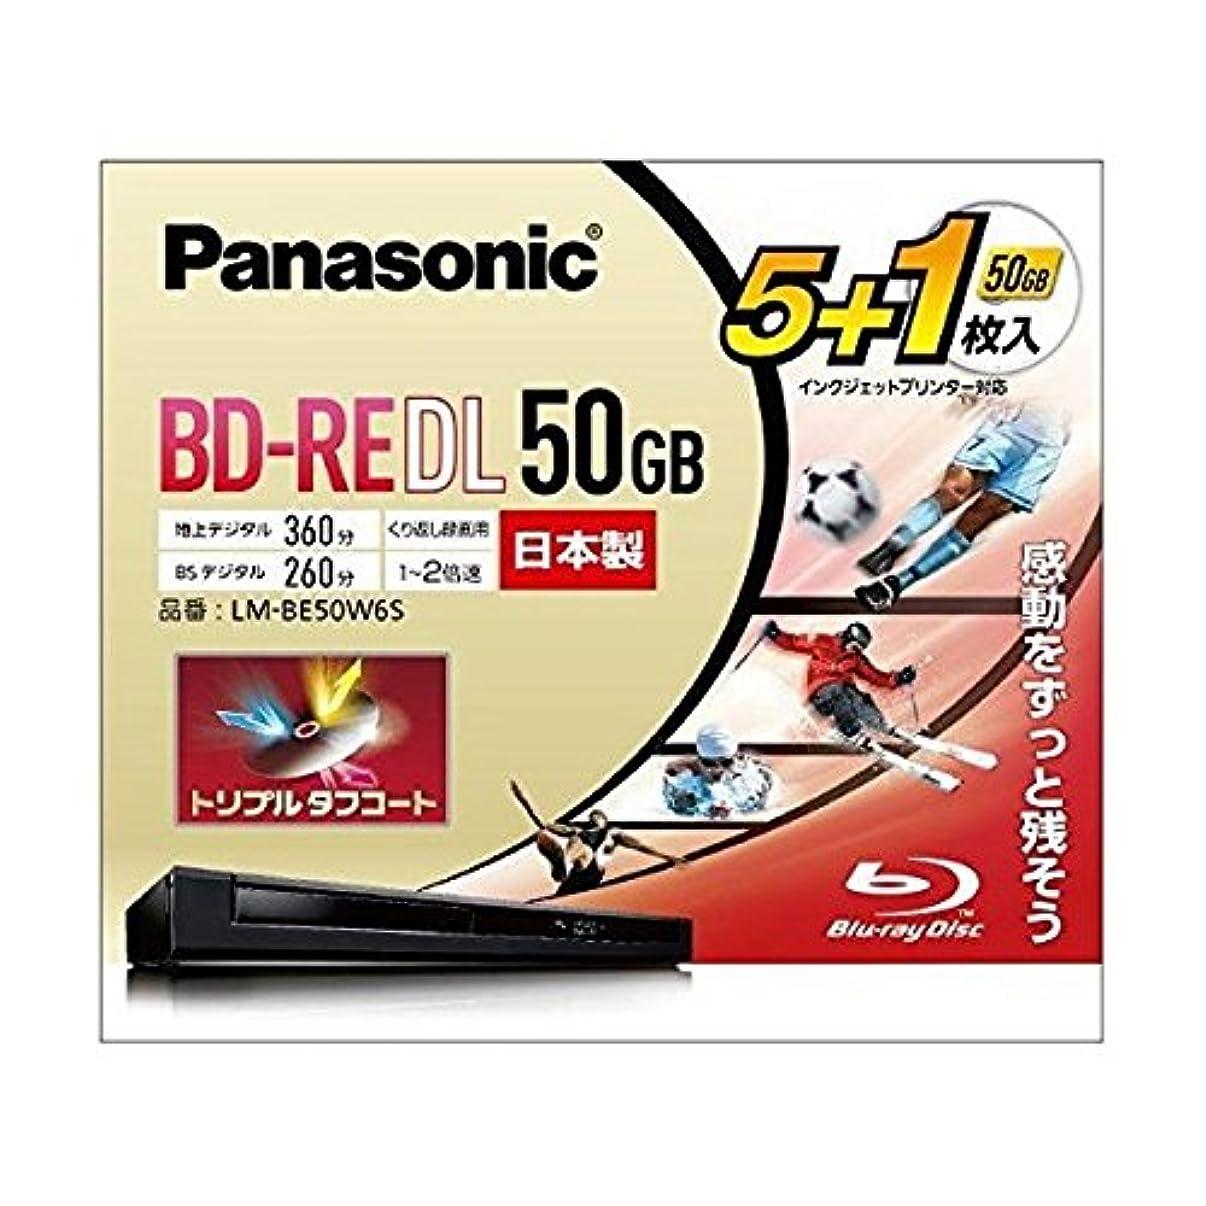 艦隊過激派機関車パナソニック 2倍速ブルーレイディスク片面2層50GB(書換)5枚+1枚 LM-BE50W6S